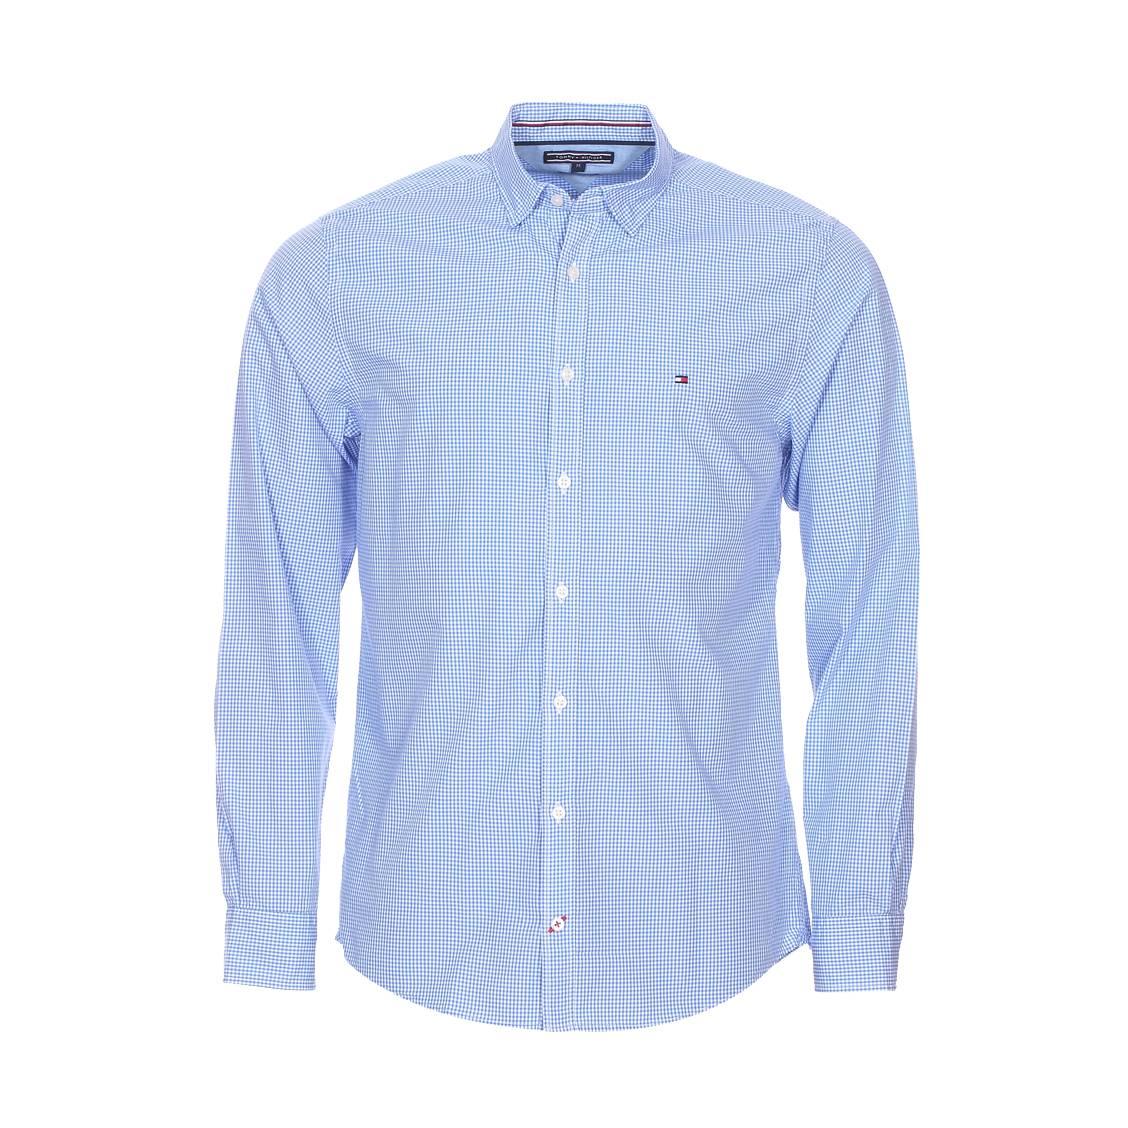 chemise ajust e tommy hilfiger en coton carreaux vichy bleu ciel et blancs rue des hommes. Black Bedroom Furniture Sets. Home Design Ideas